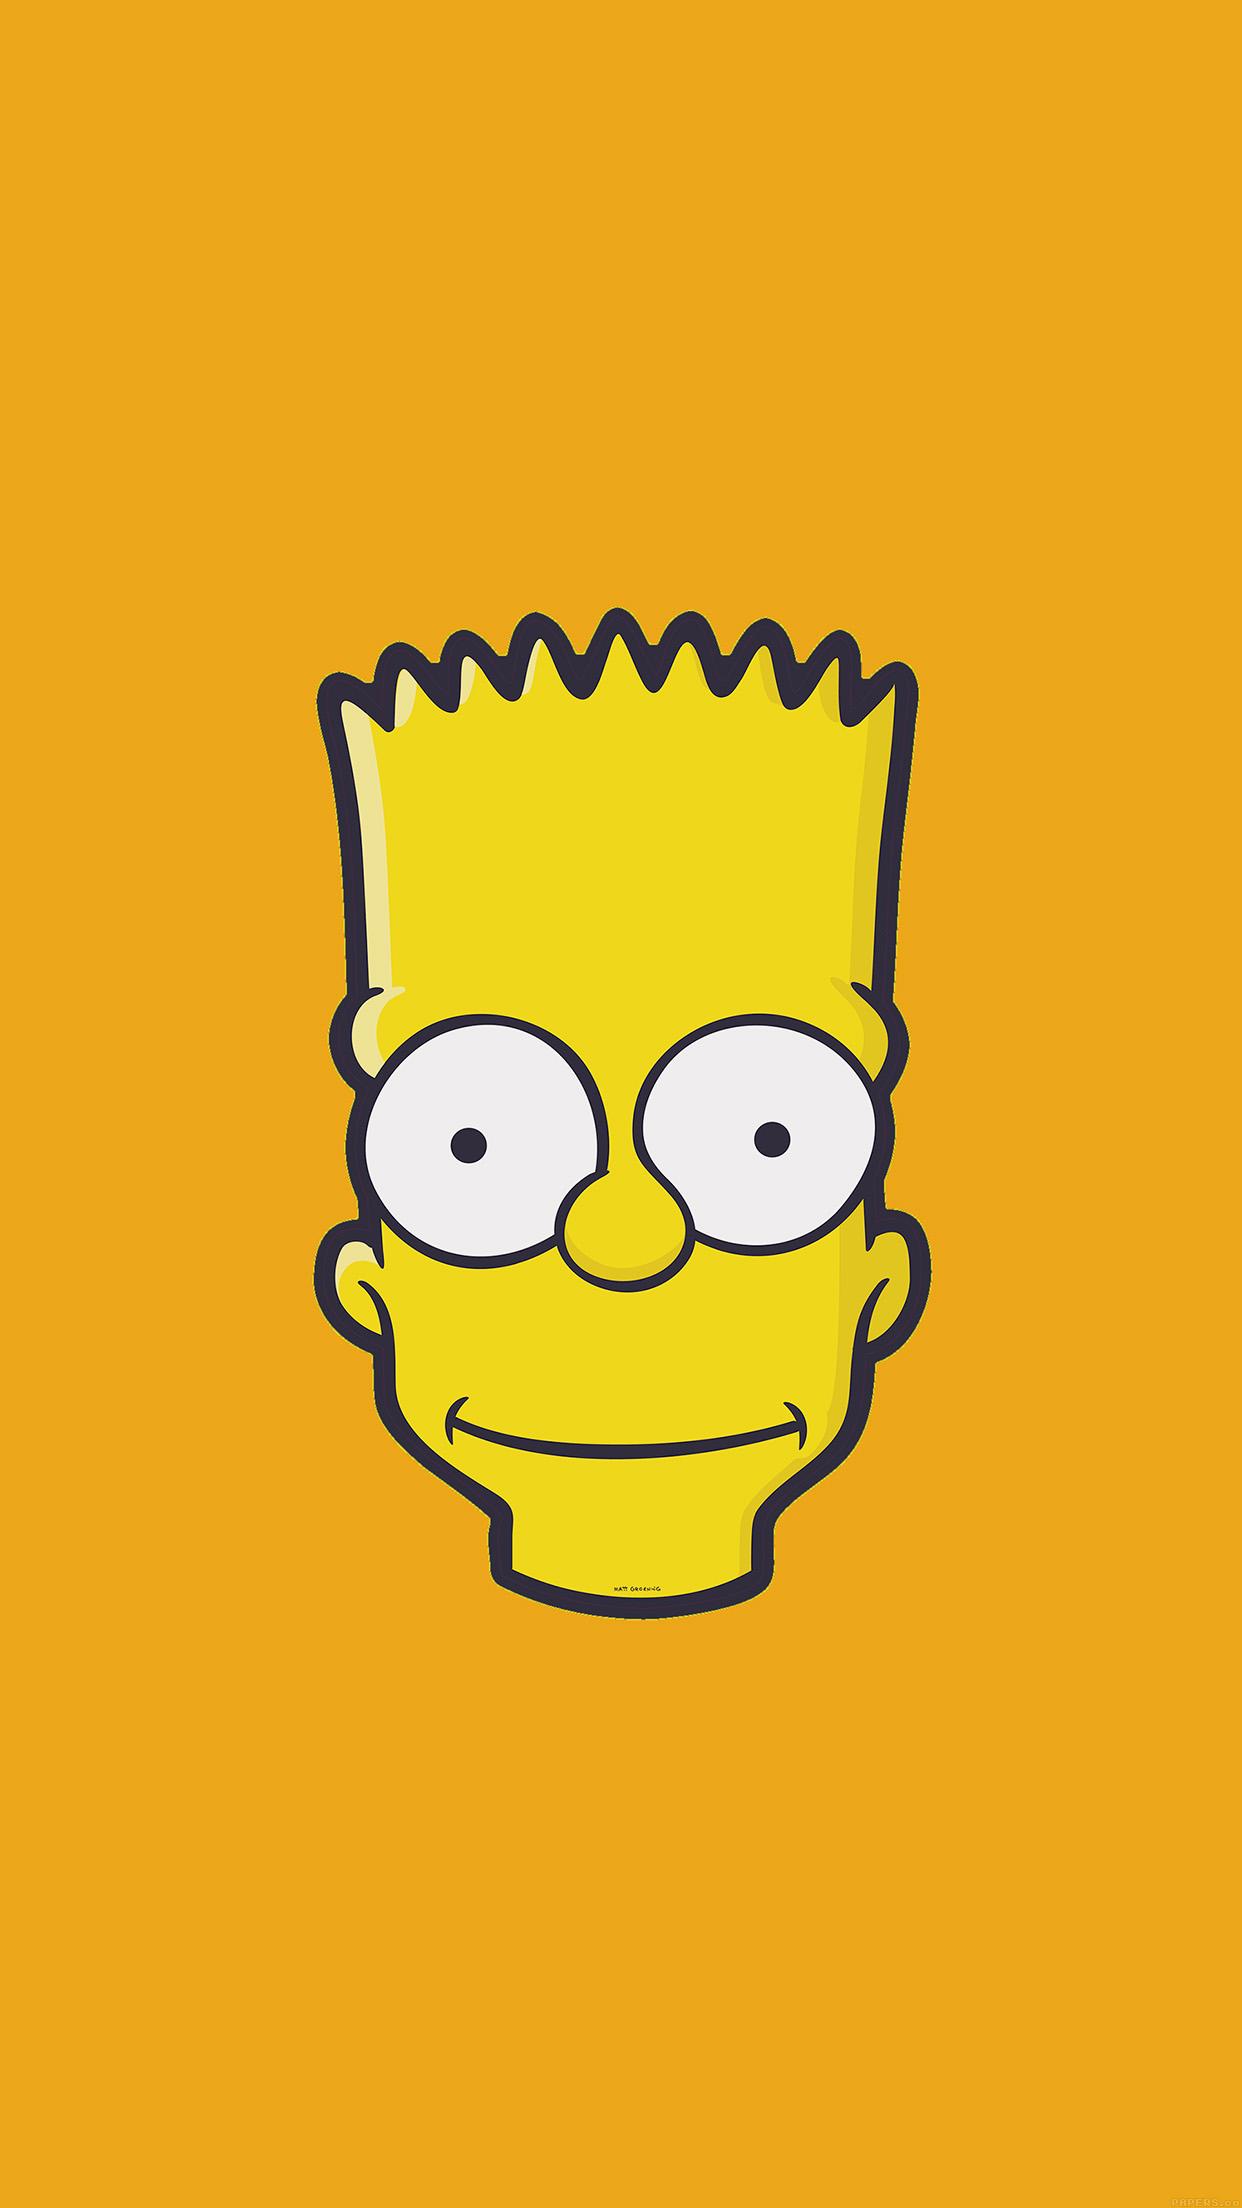 Cute Cartoon Face Wallpapers Aj30 Bart Face Art Illust Yellow Simpsons Minimal Simple